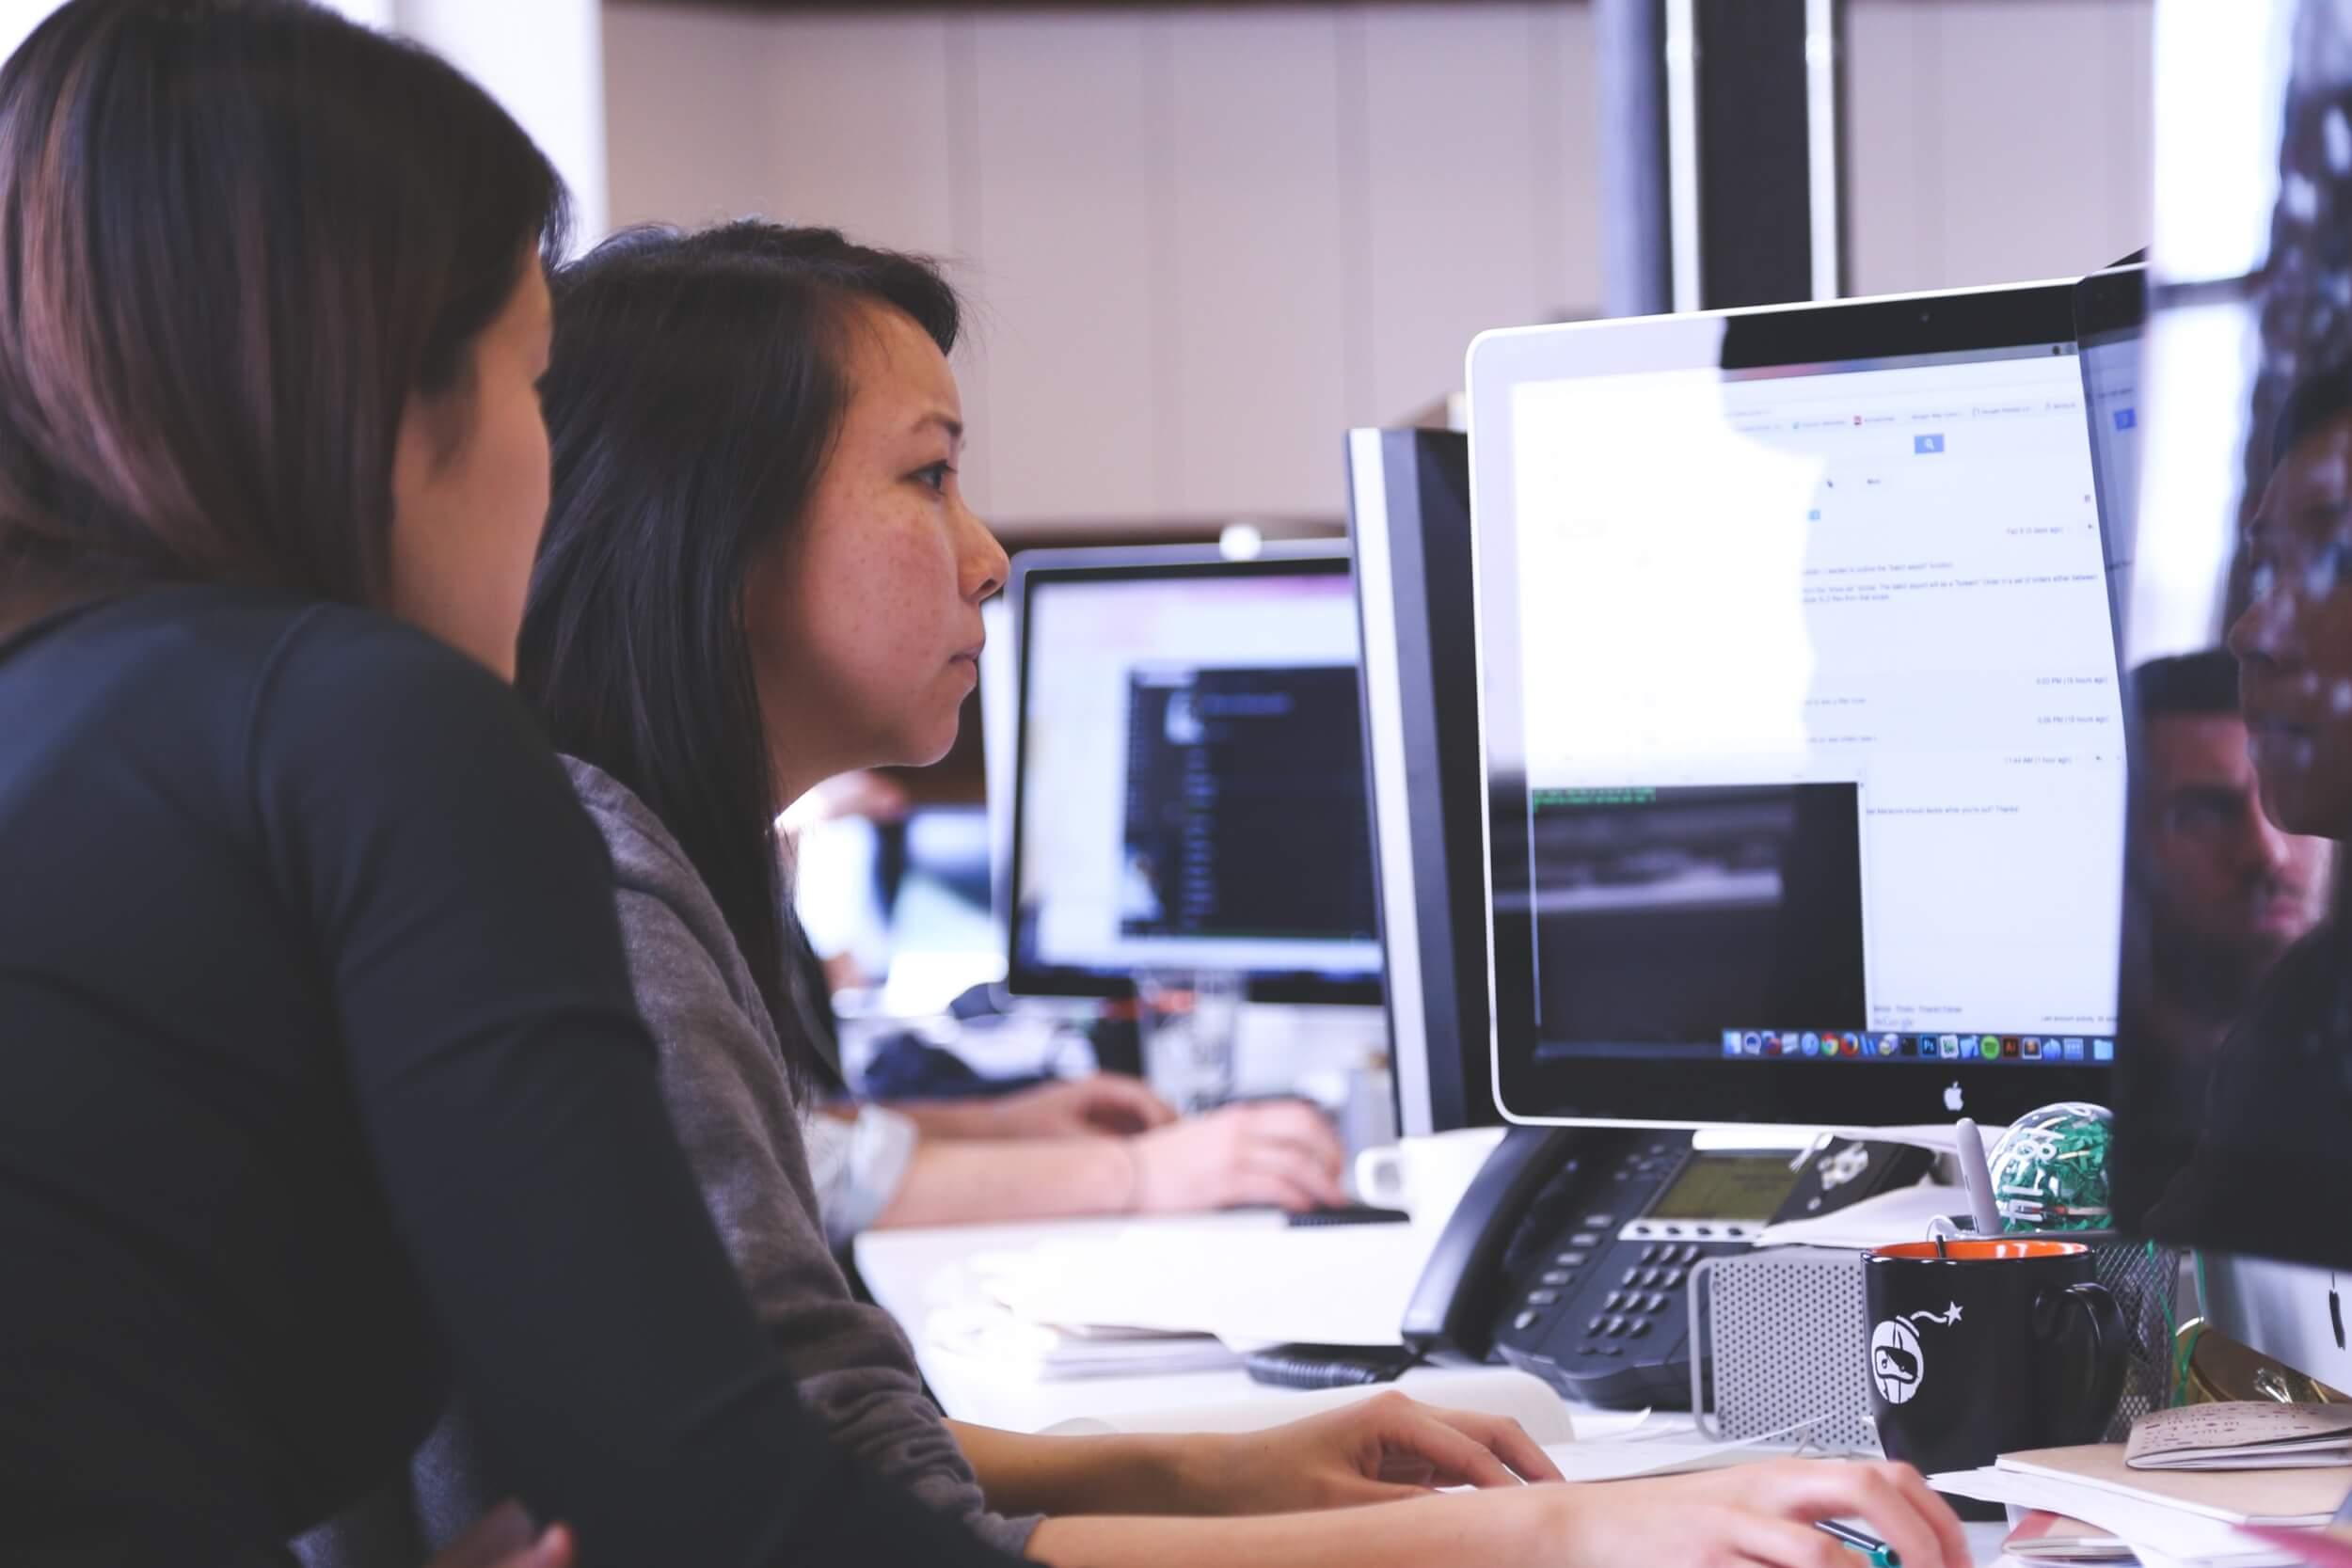 Büroarbeit kann Spaß machen (c) StartupStockPhotos / pixabay.de